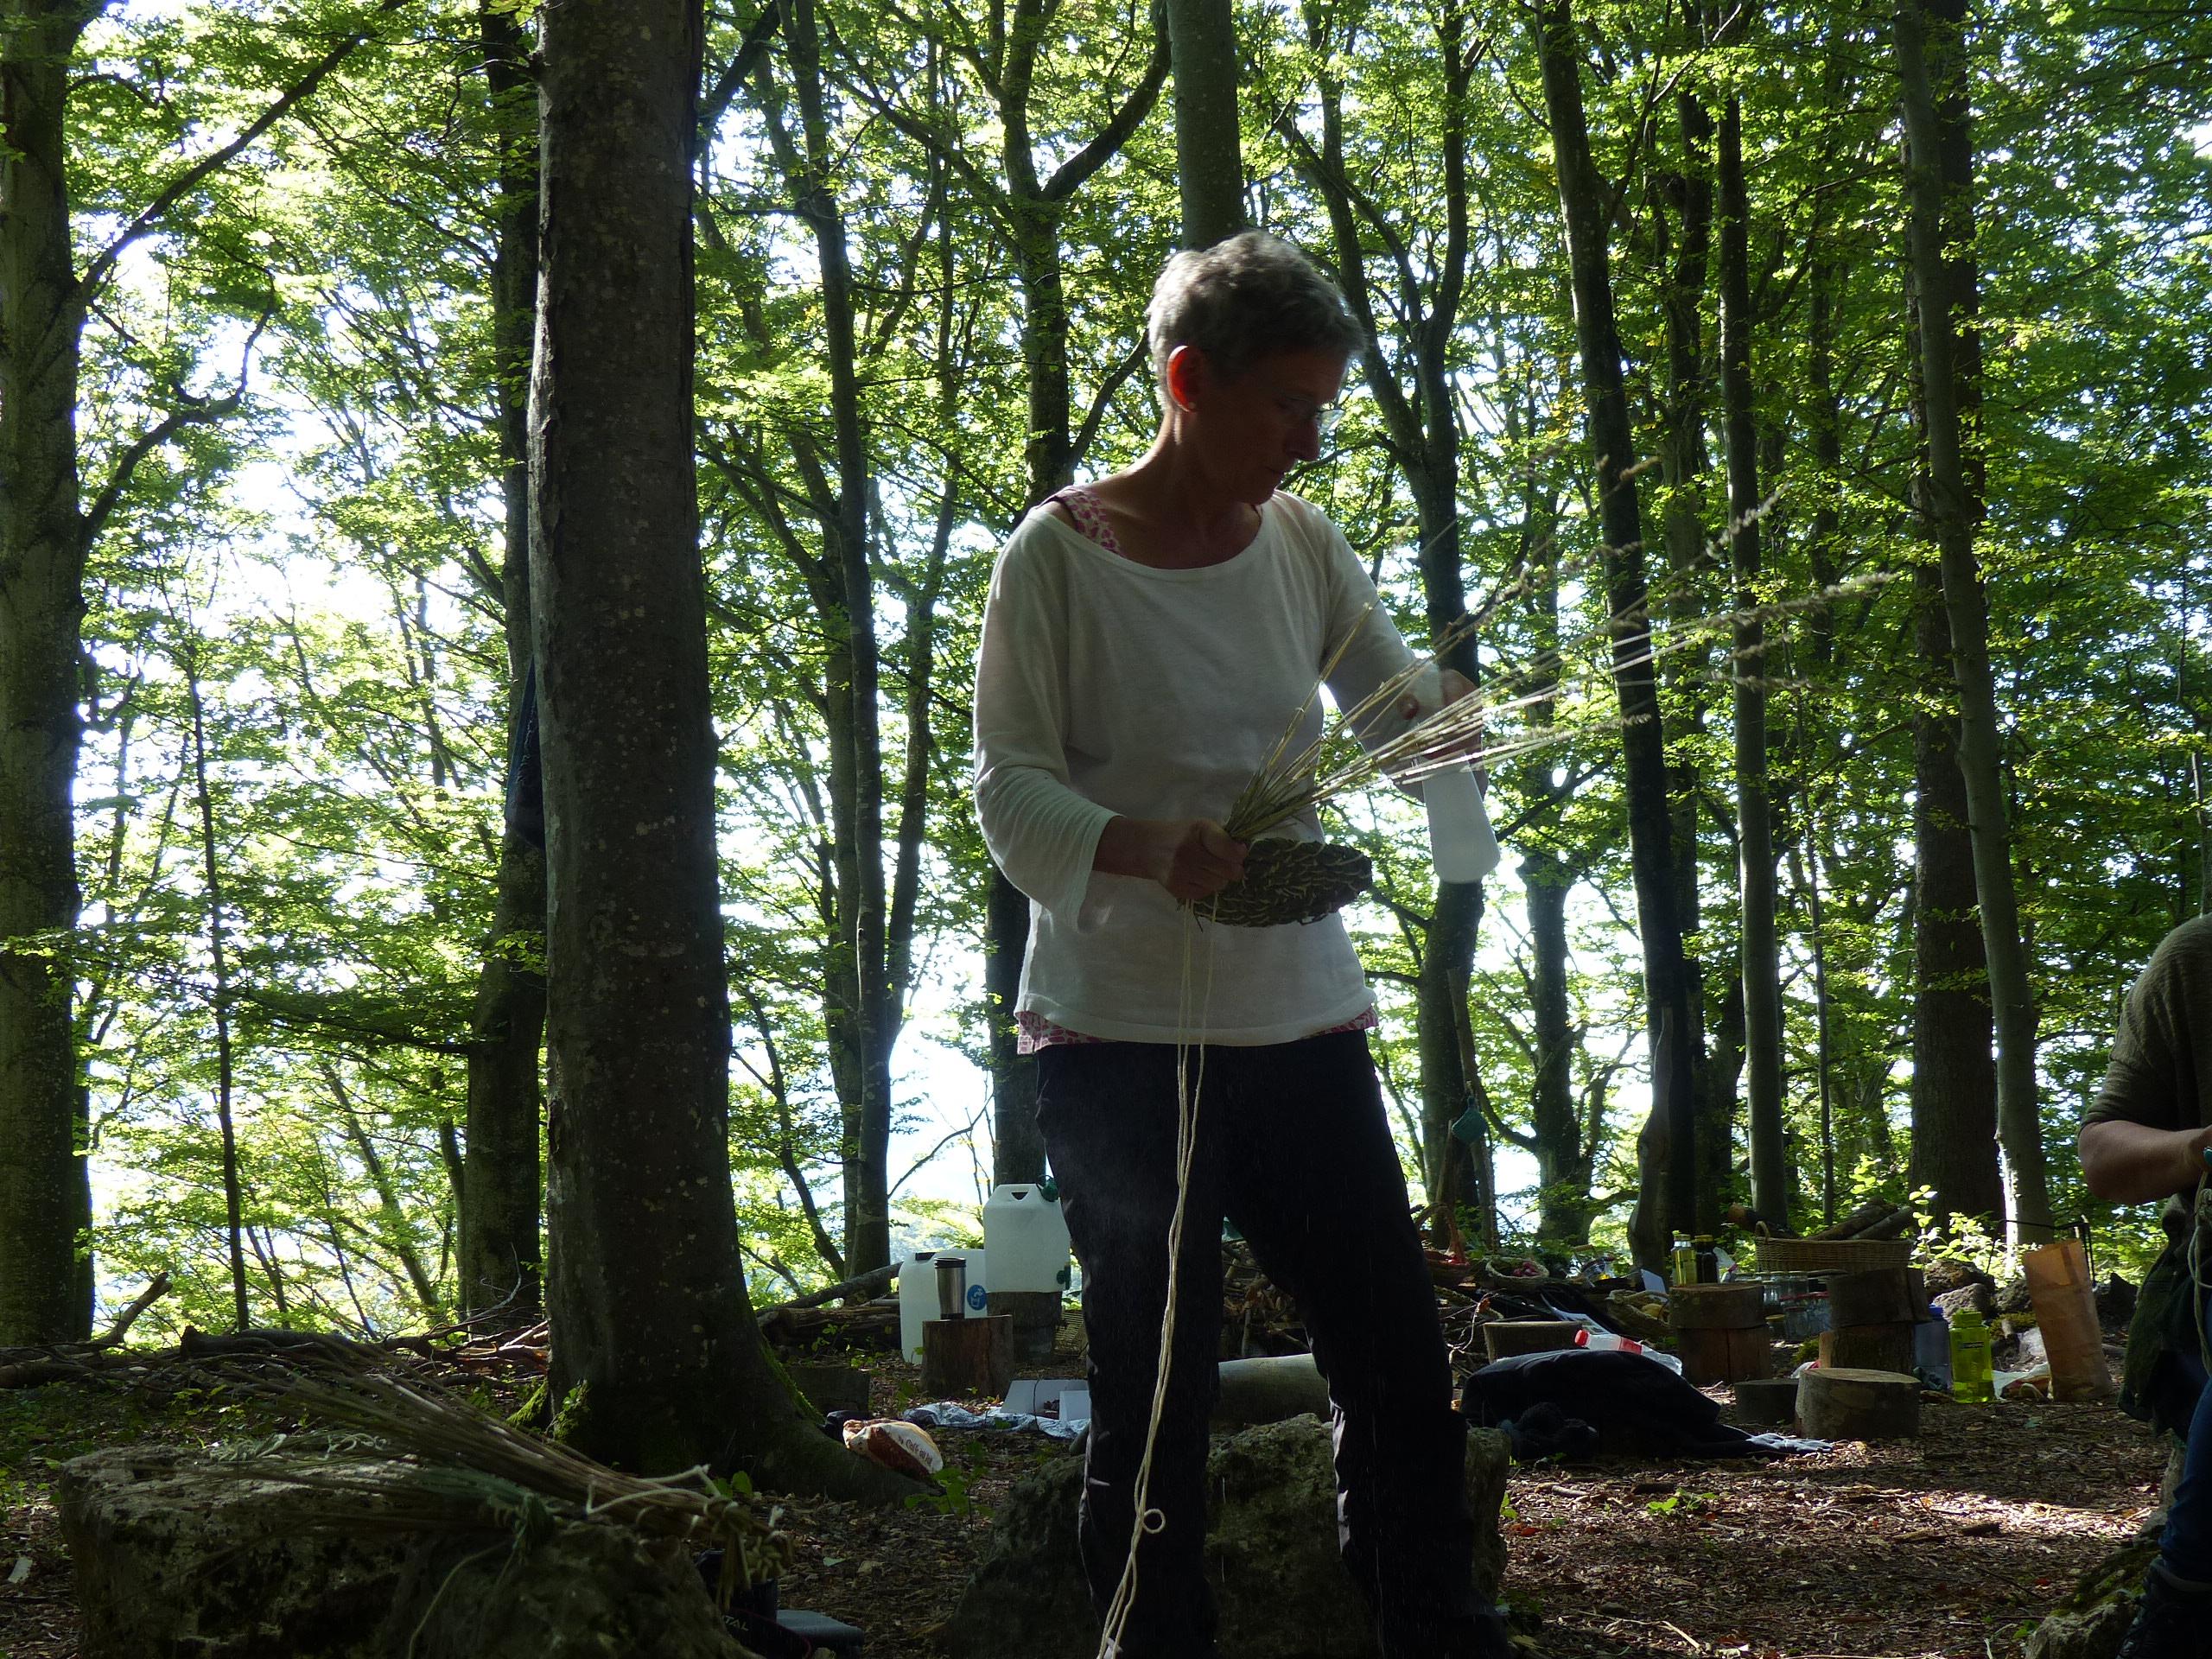 """In einer kleinen Oase in der Natur im schönen Homburgerland auf dem Kräuterhof """"arsnaturalis"""" in Wisen findet das Projekt """"Graskorb nähen"""" statt."""